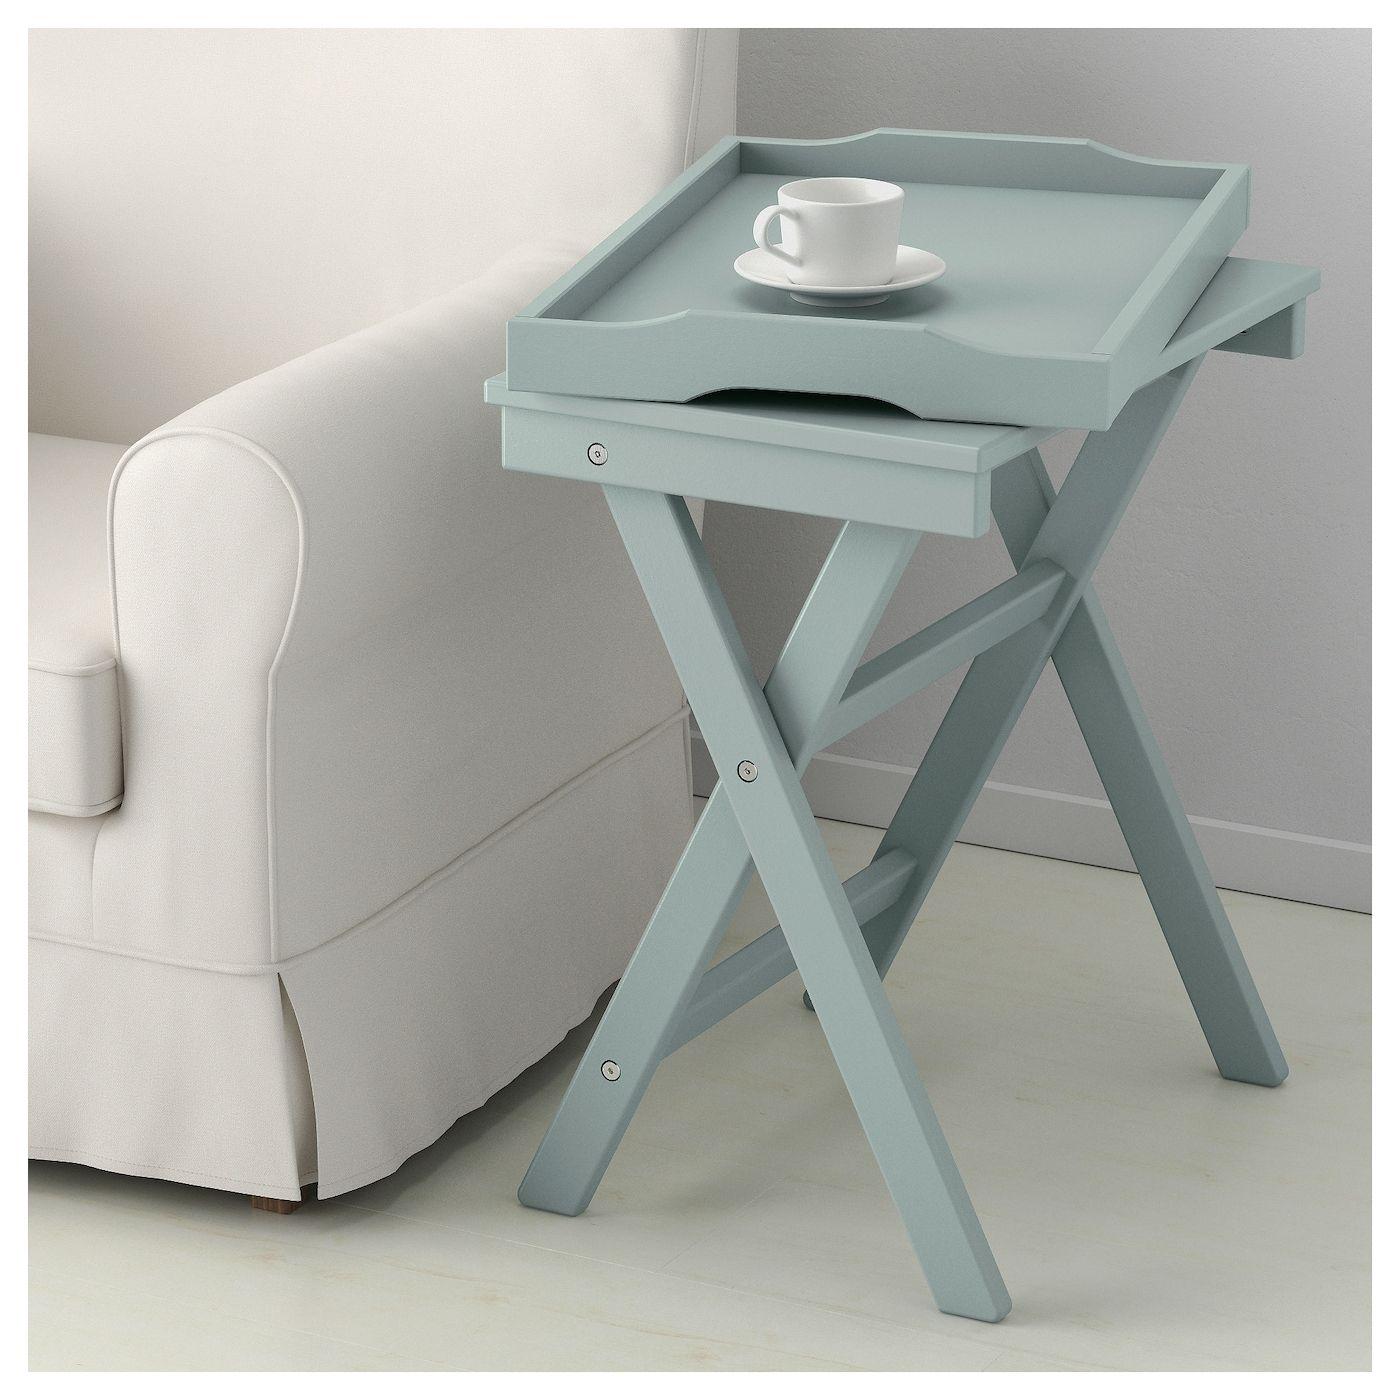 - IKEA MARYD Green Tray Table Ikea Tray Table, Ikea, Table